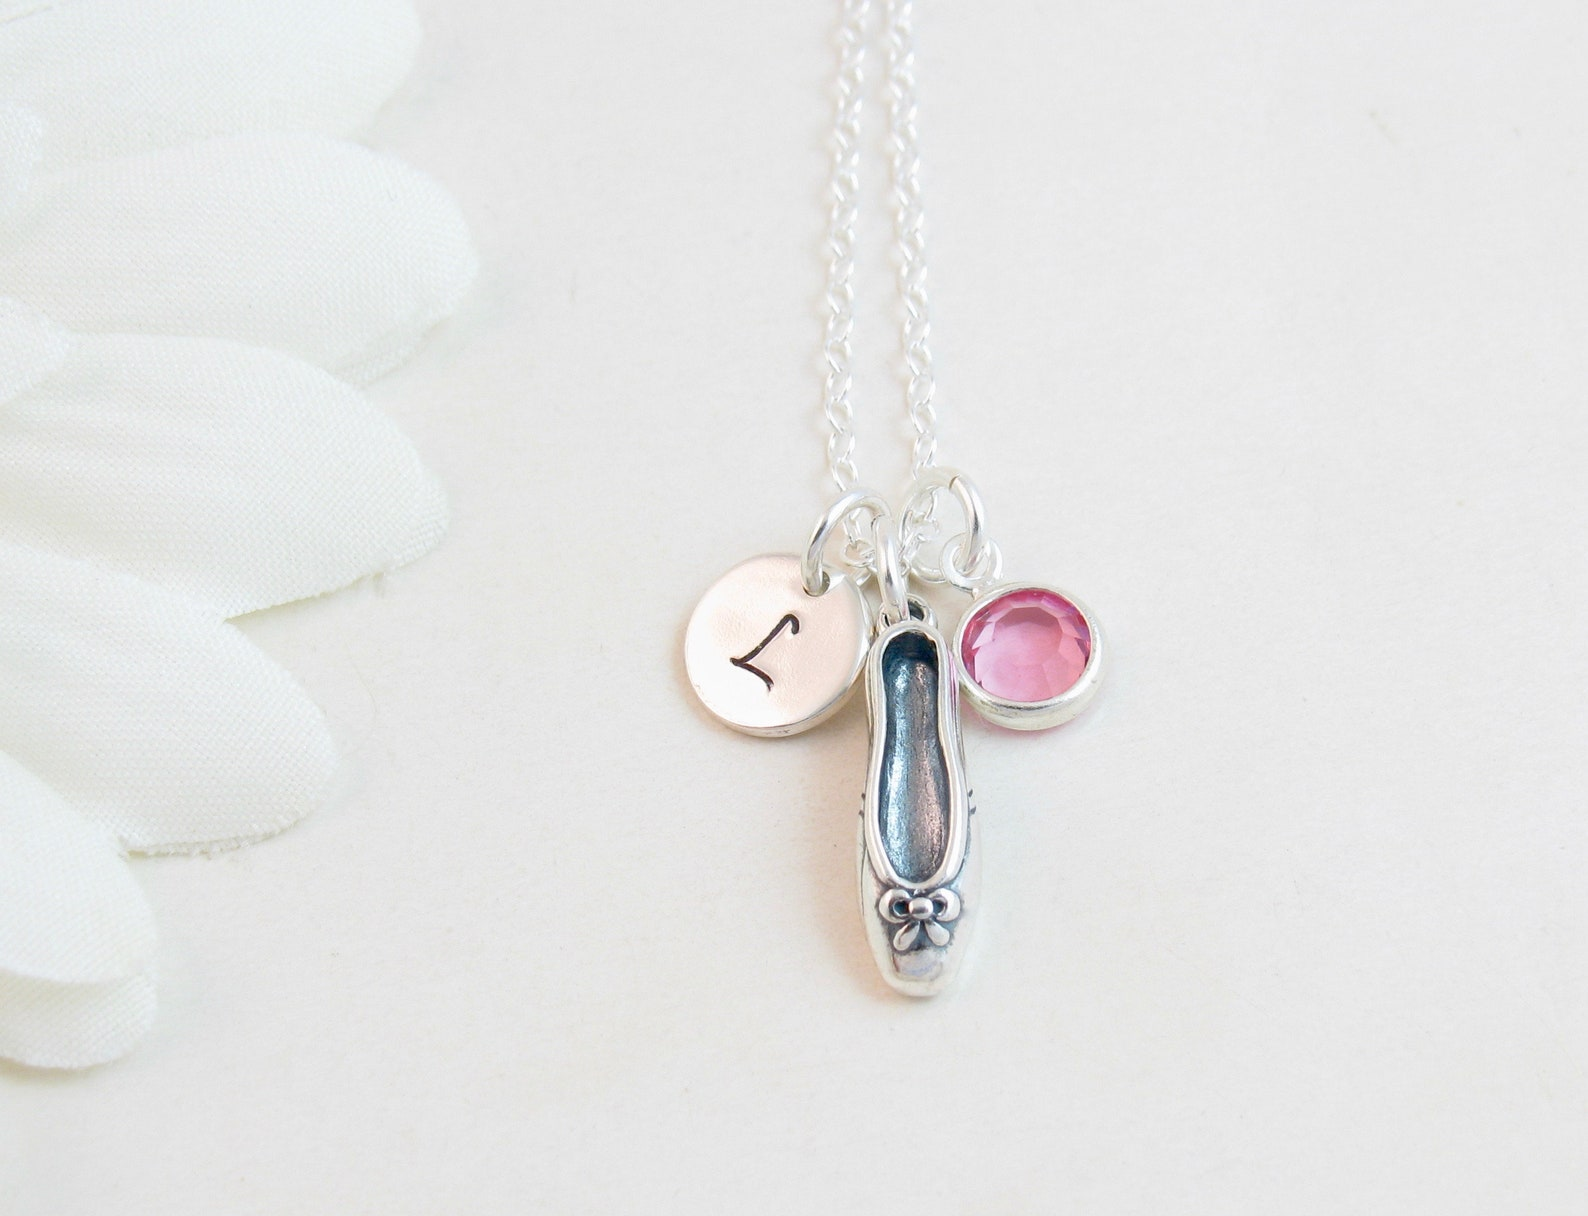 ballet ballerina necklace - first dance recital - dancer necklace - ballet shoe necklace - personalized ballerina gift - dance t